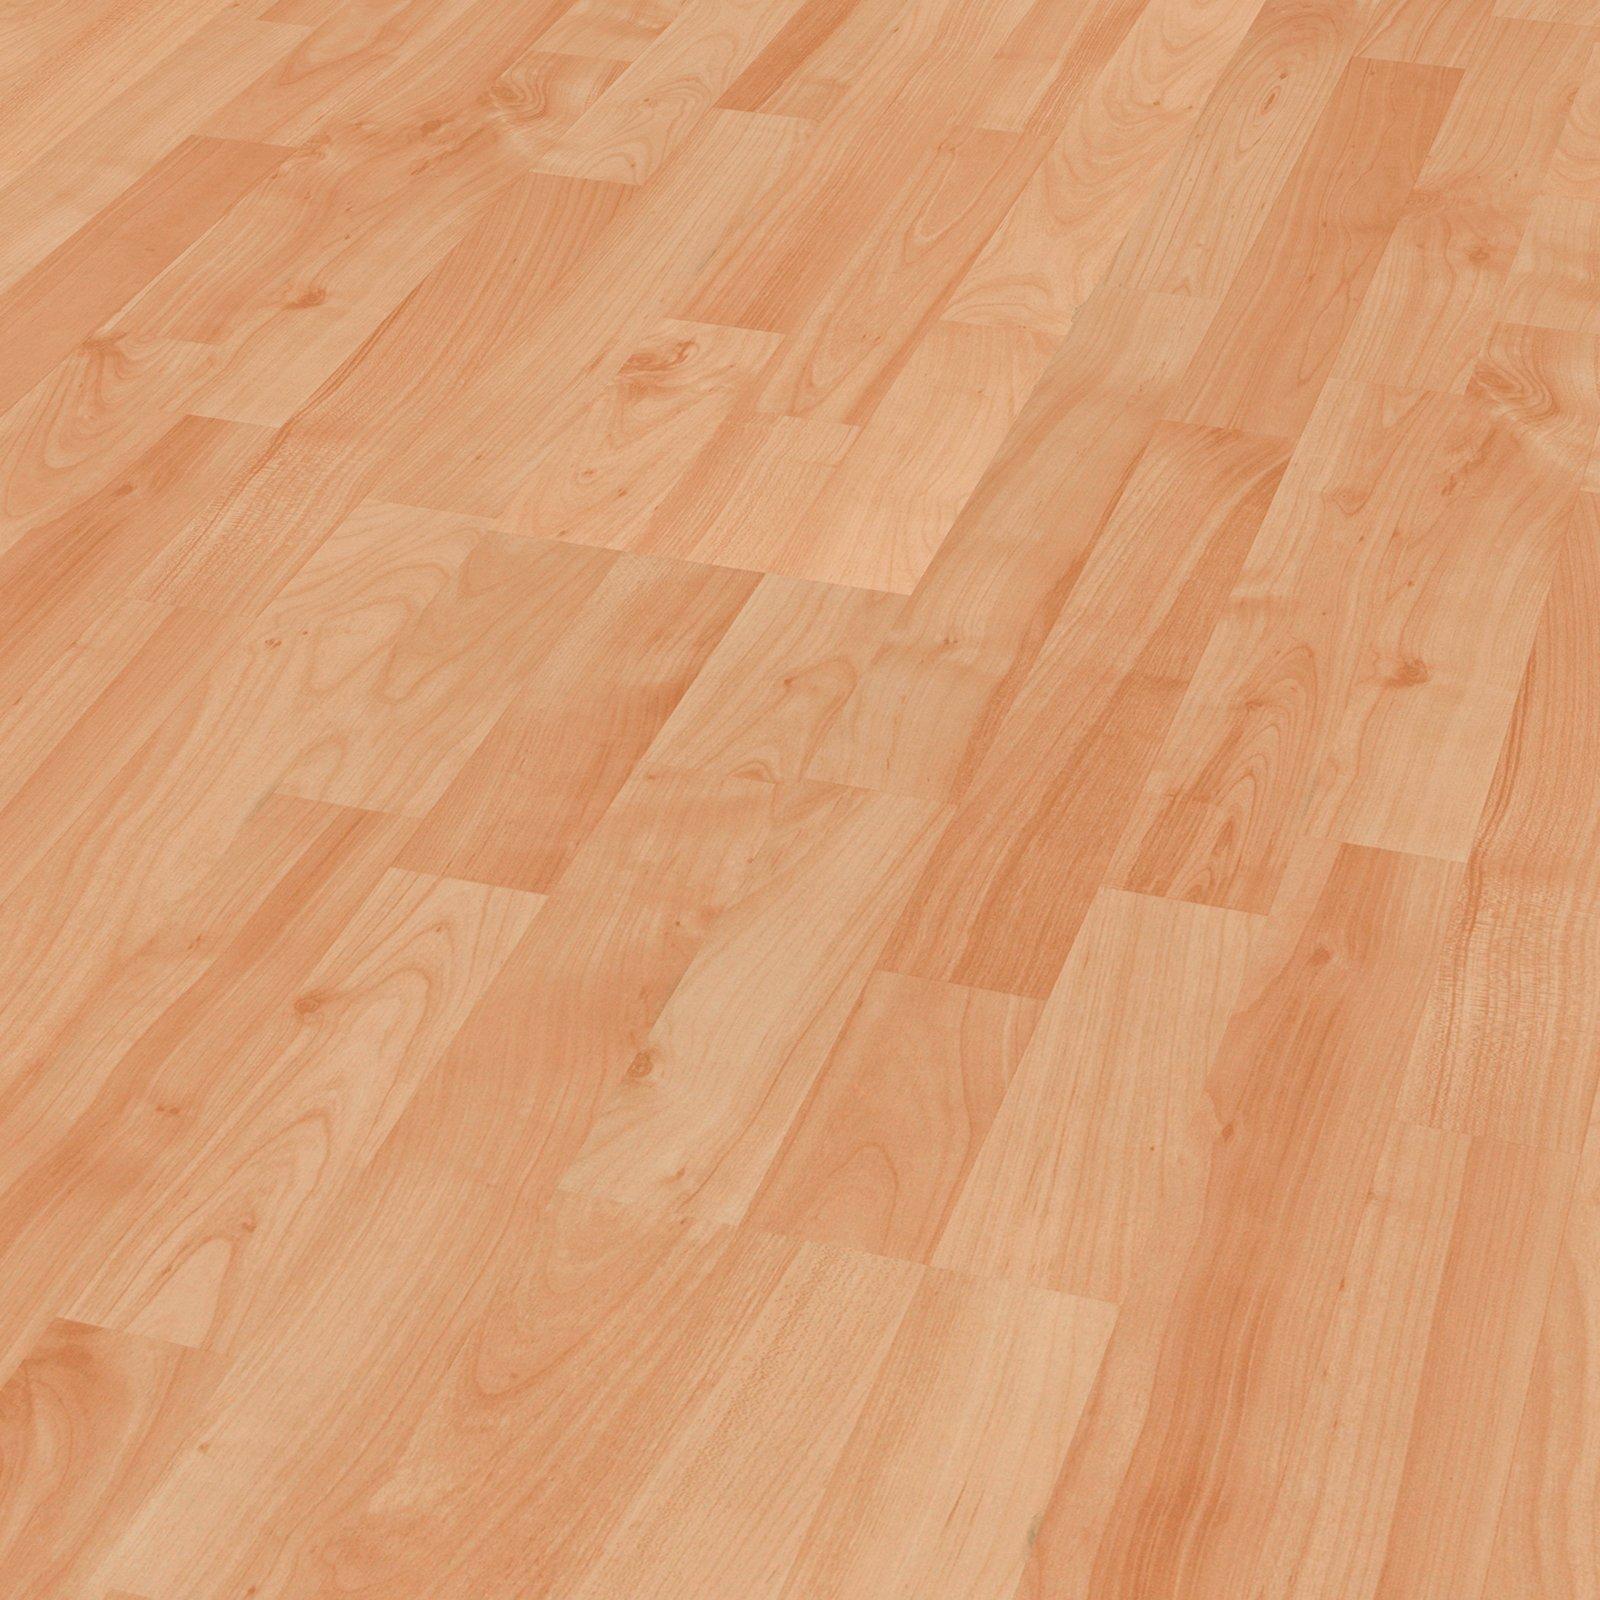 Bodenbeläge wie Laminat, PVC und Teppich Meterware